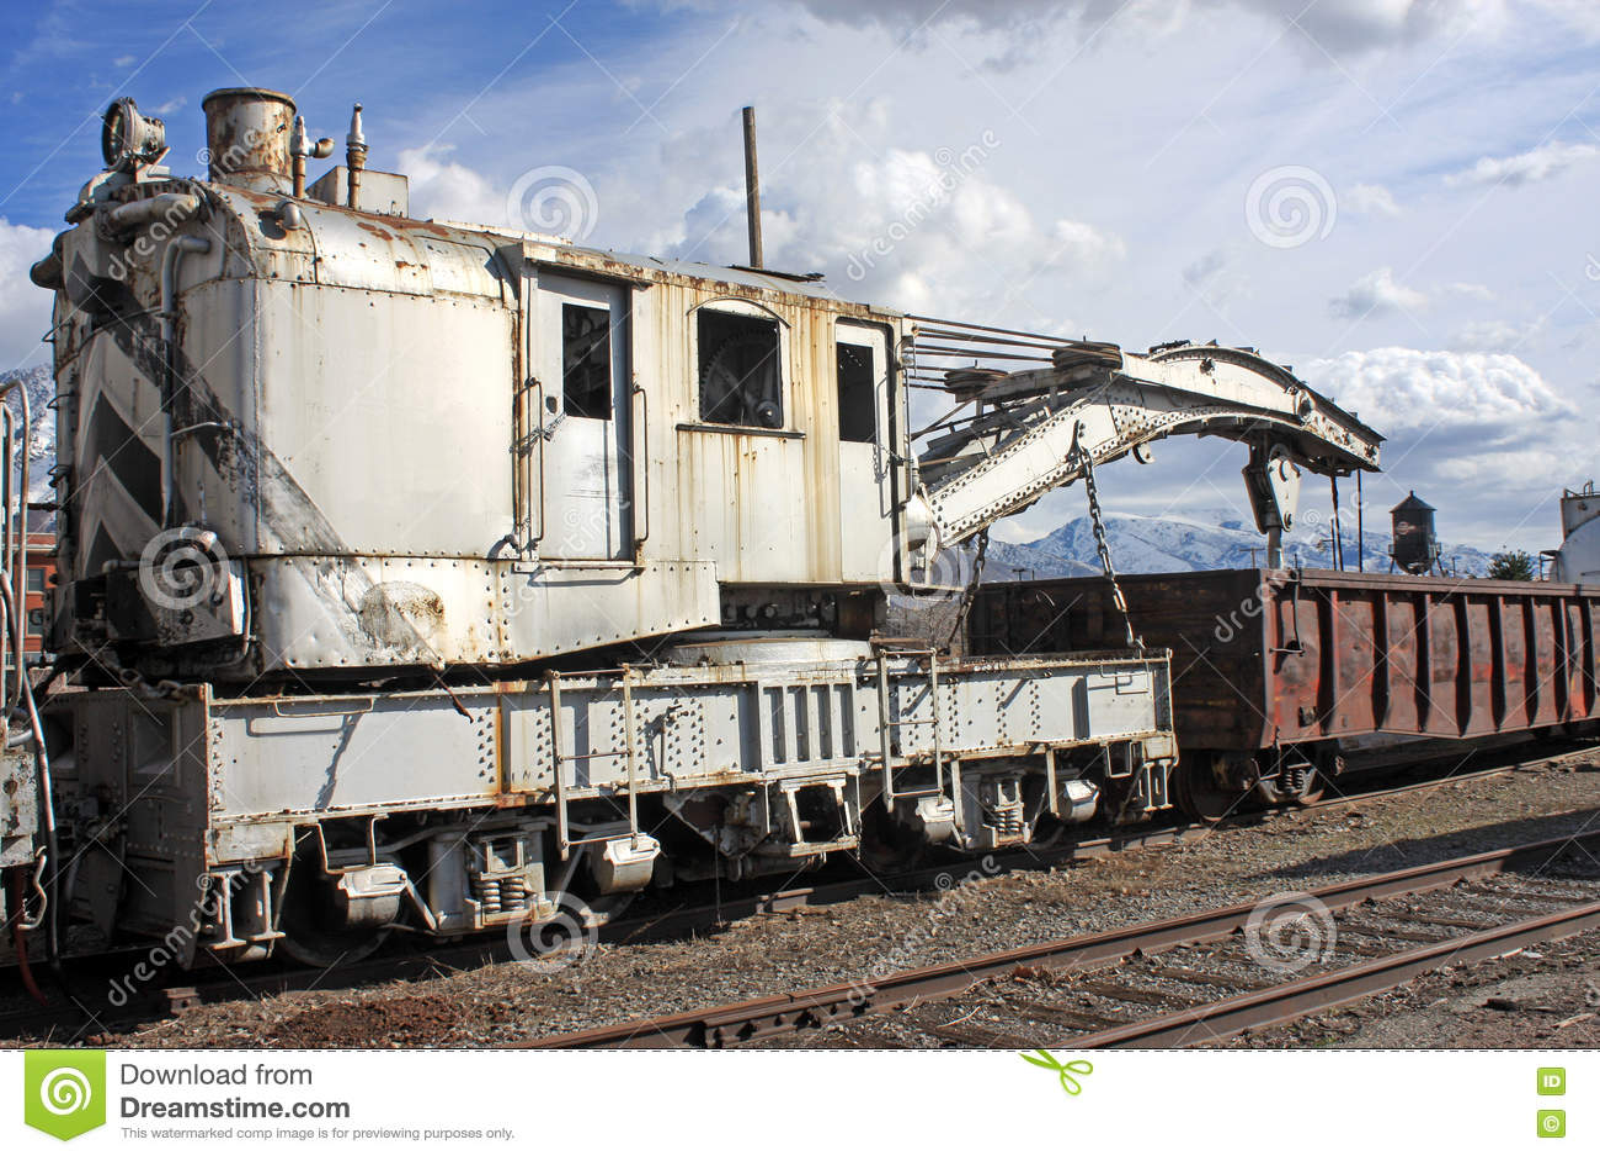 Railway Crane Stock Image Image Of Sleepers Railway